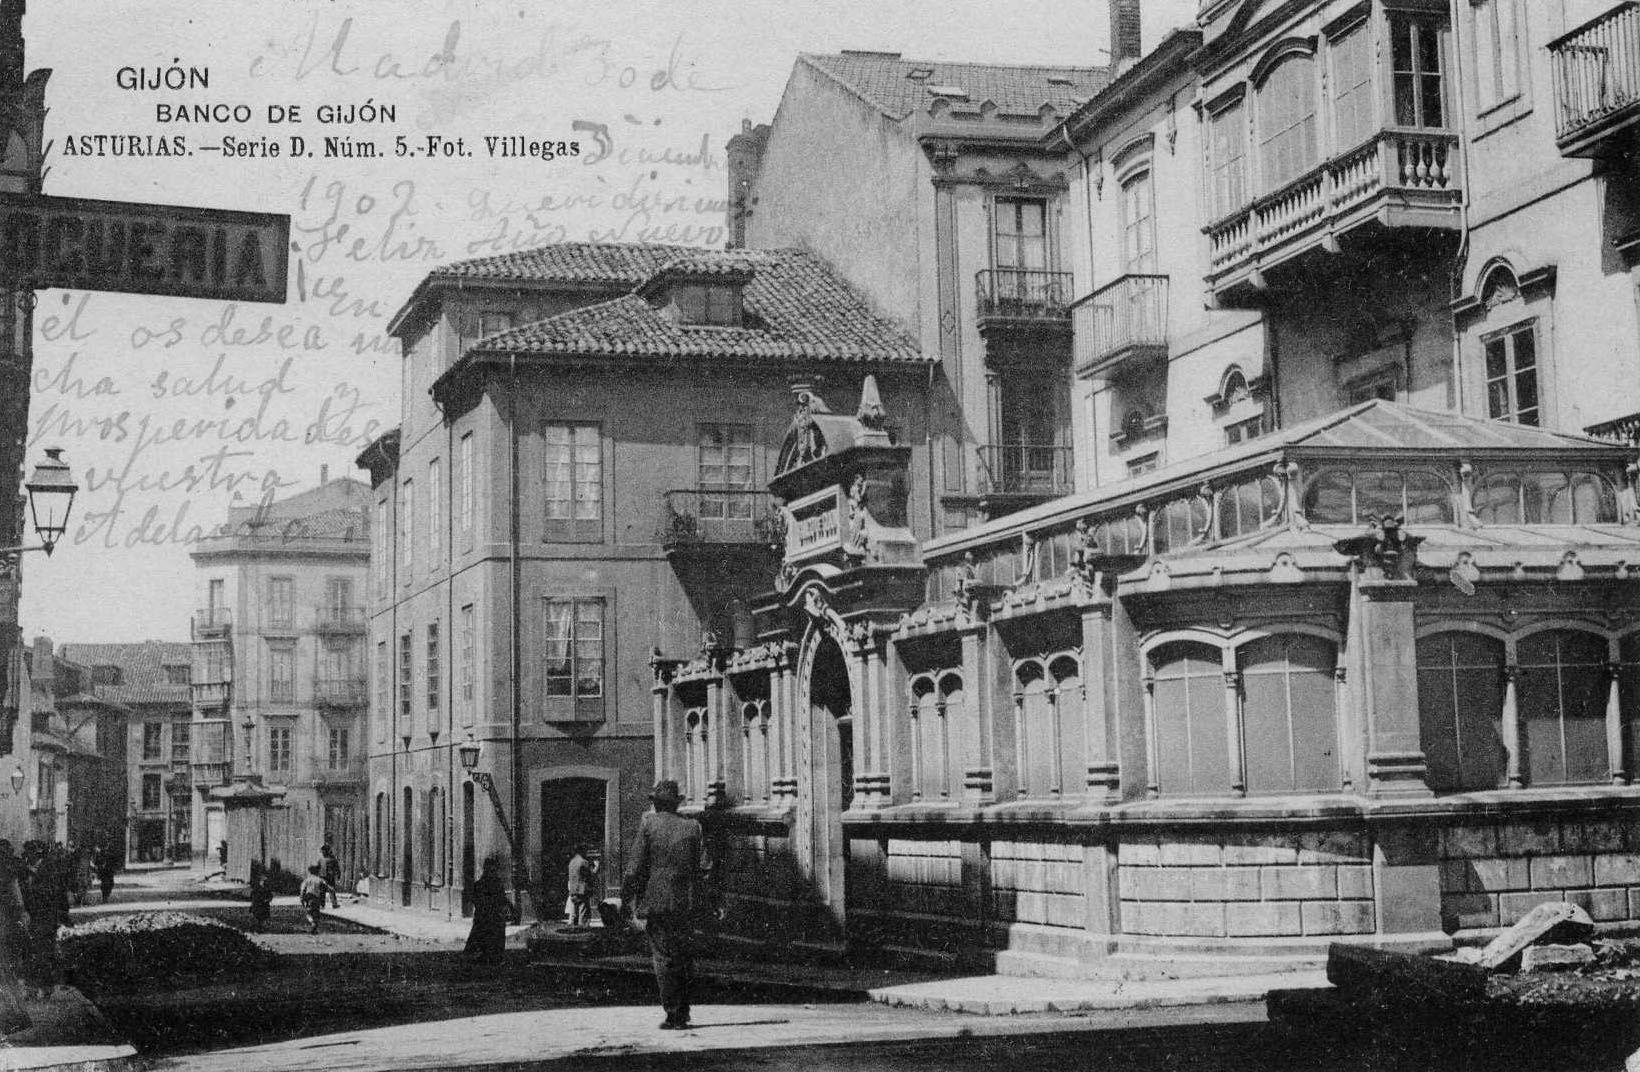 Banco de gij n gijon antiguo pinterest - El tiempo gijon detallado ...